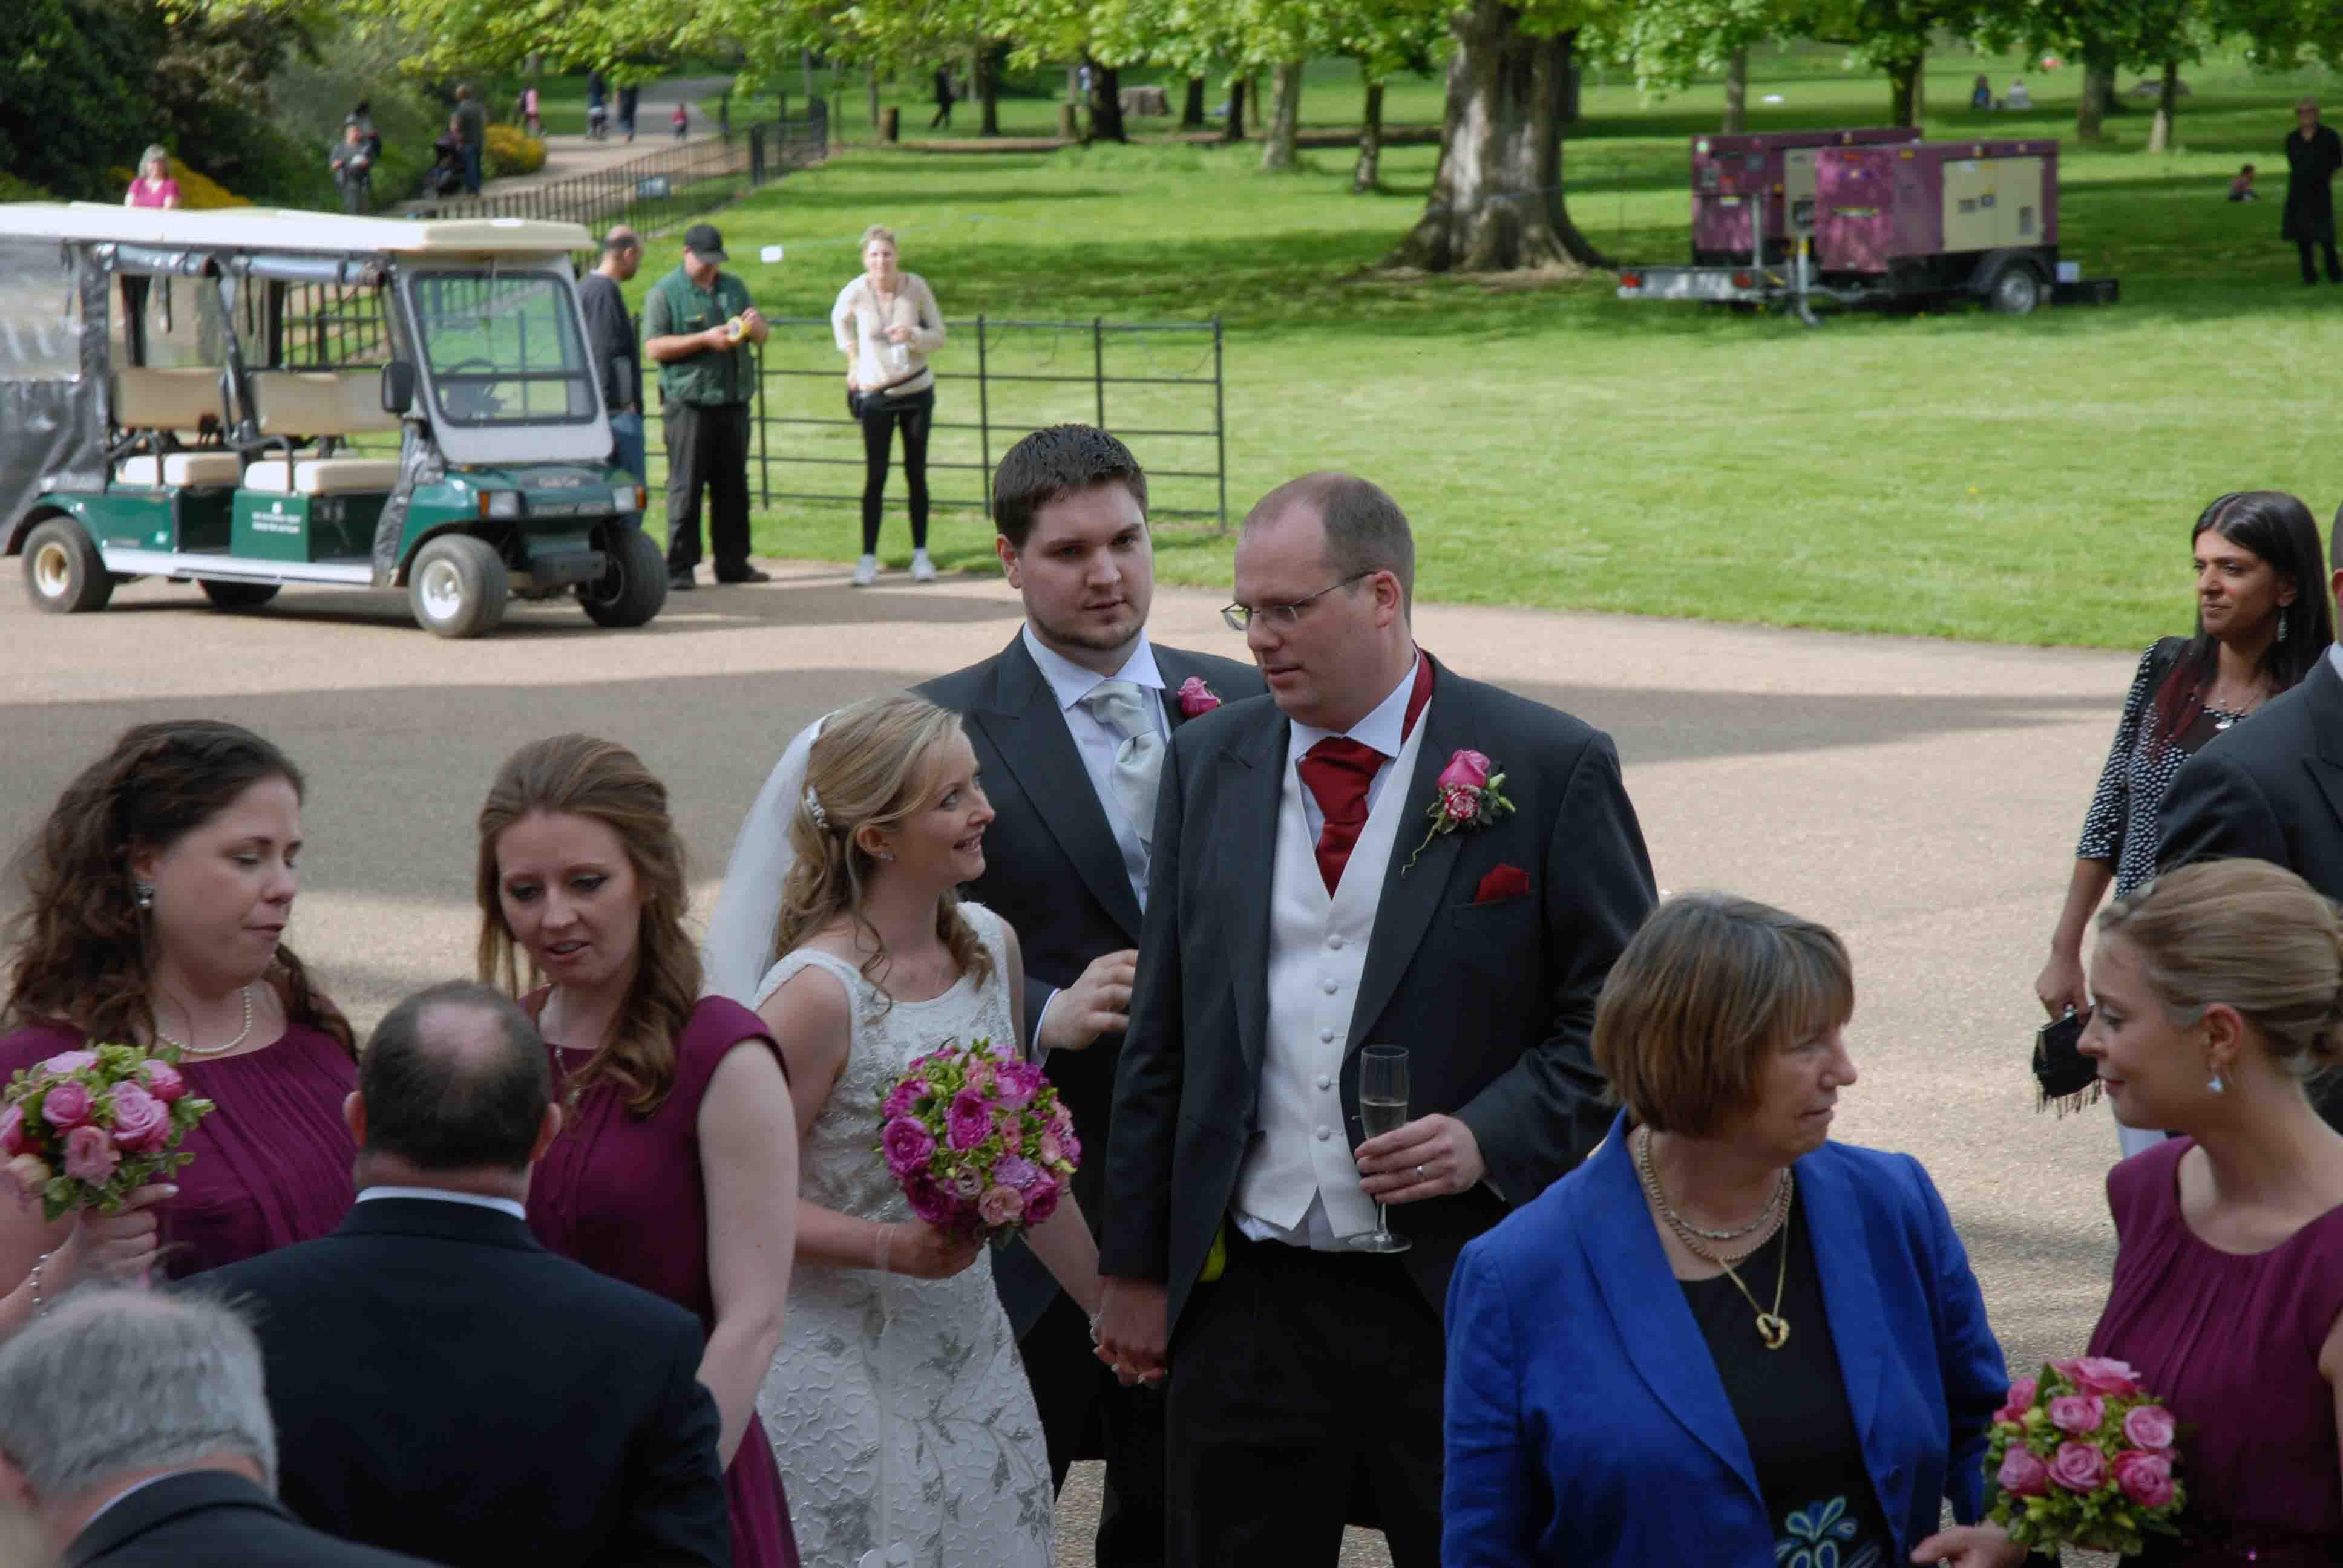 O'Brien Wedding045